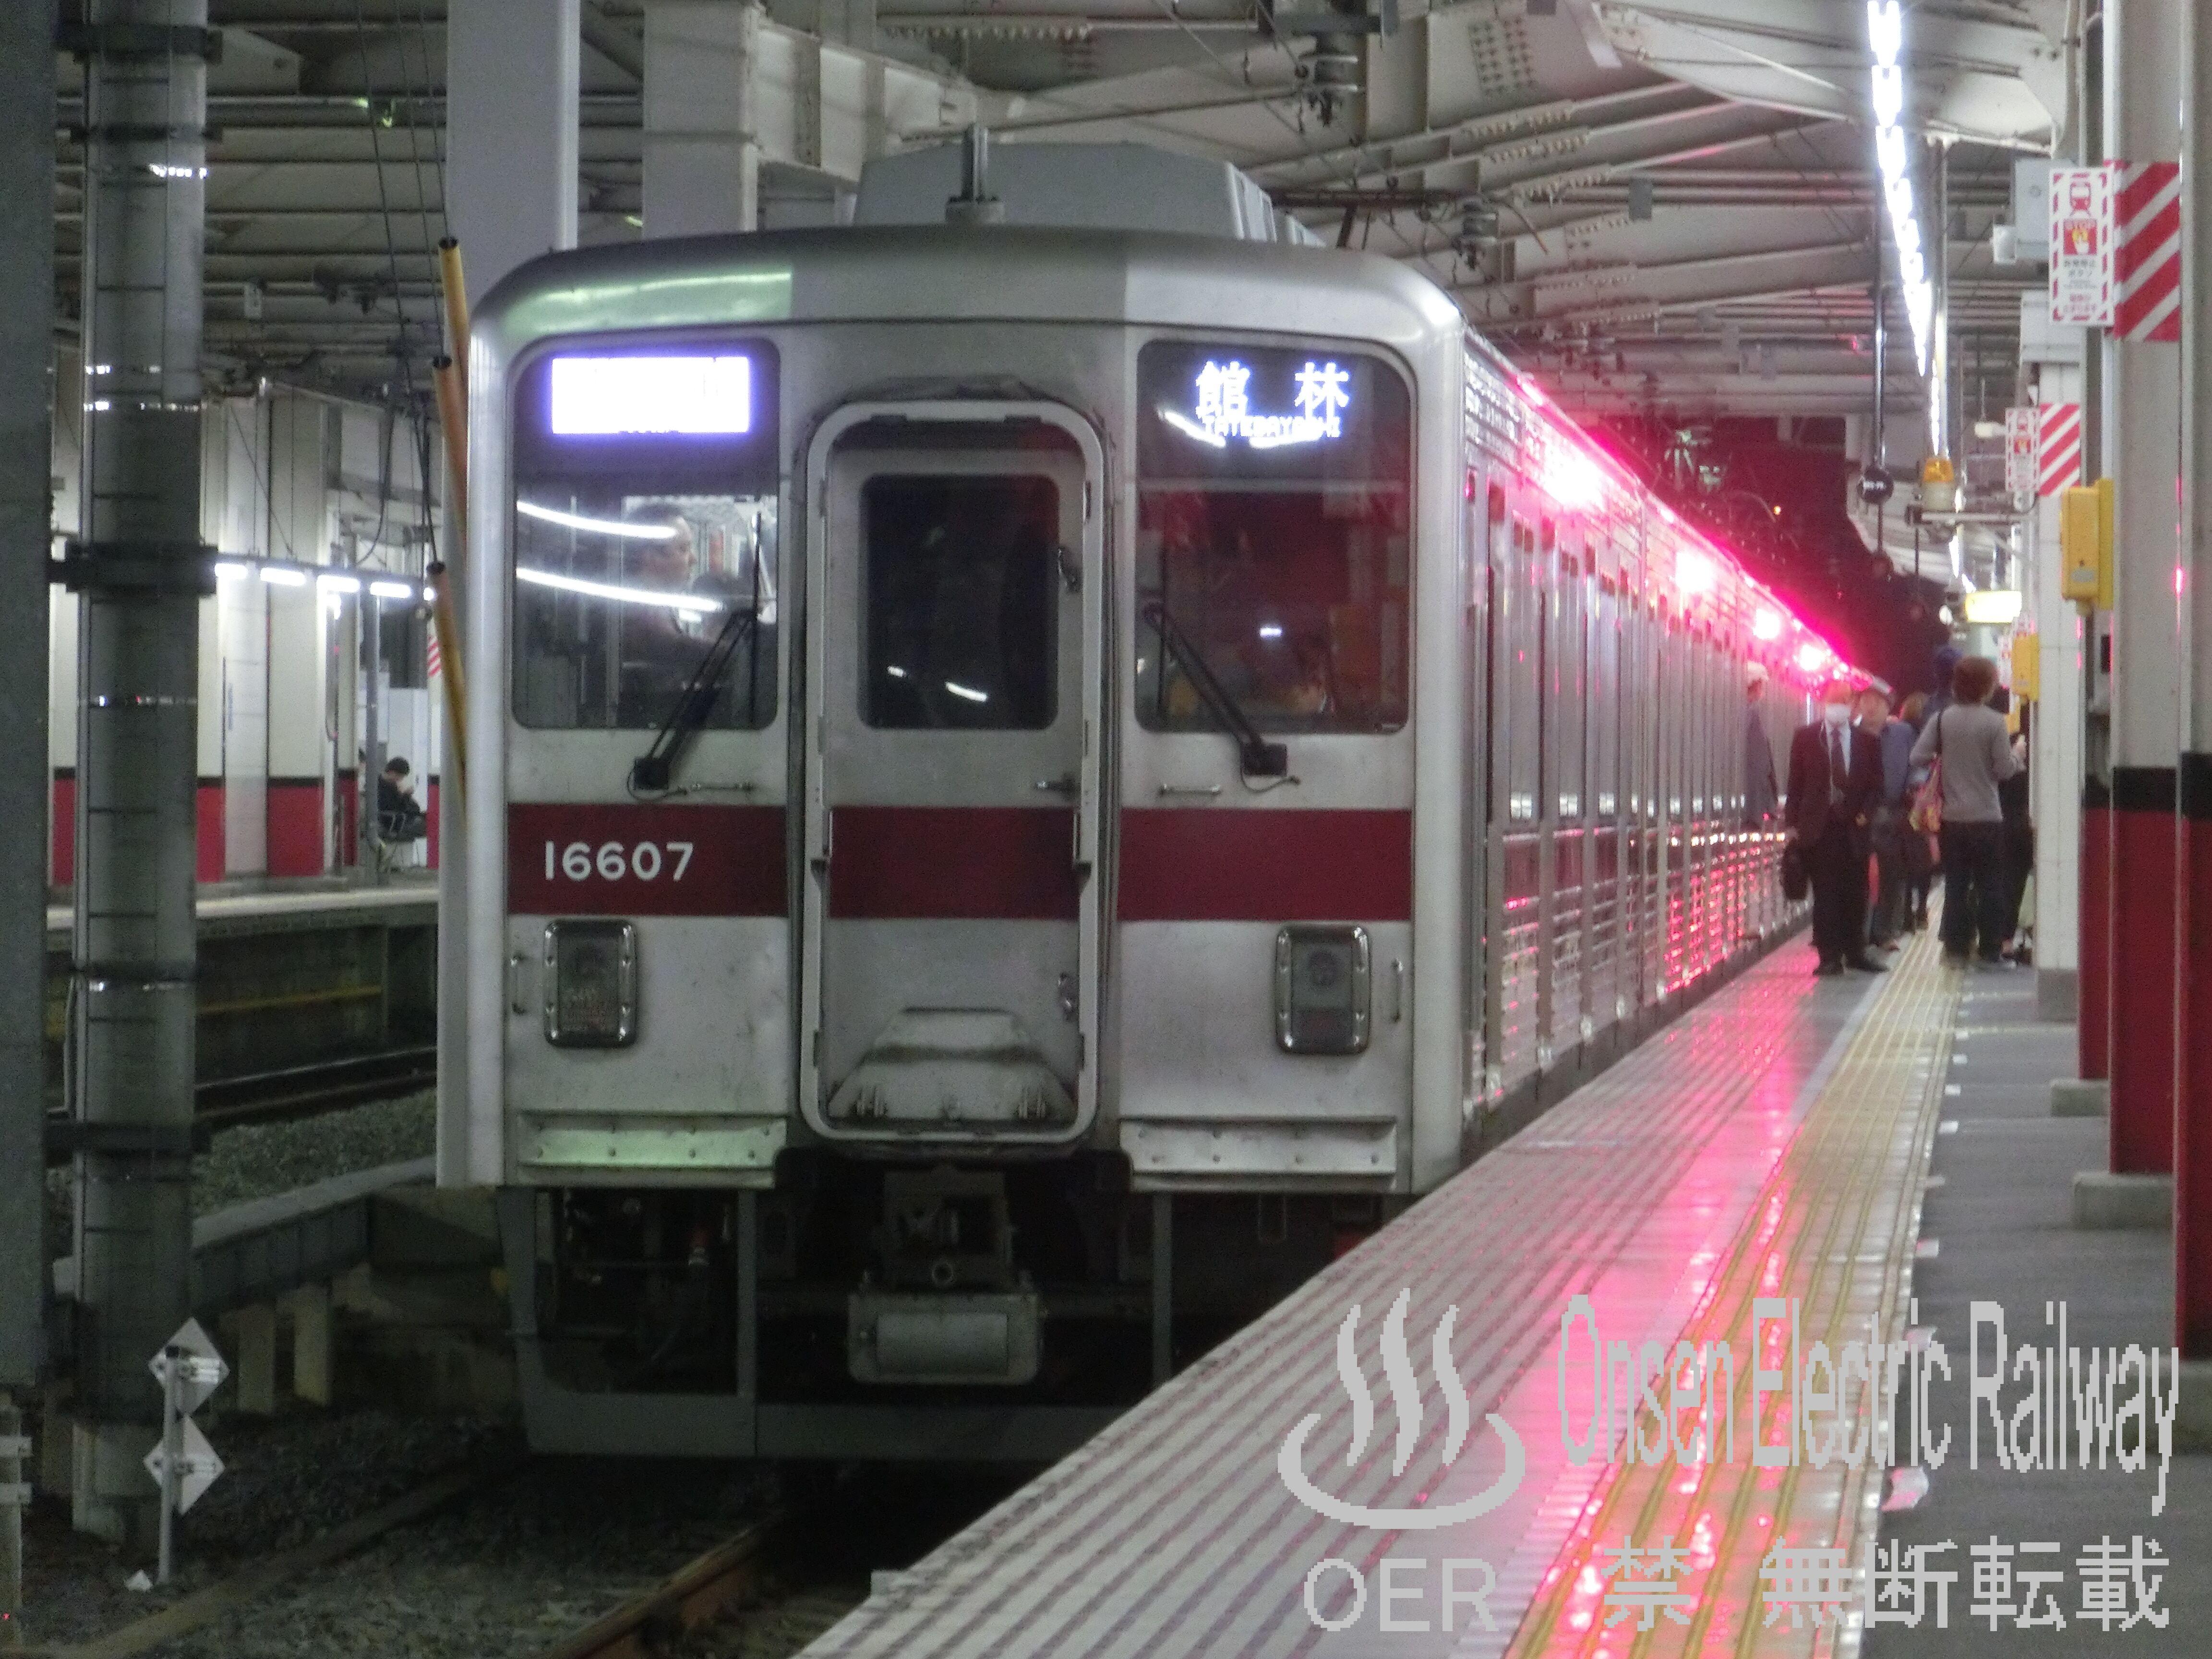 04_tobu_10000_16607.jpg